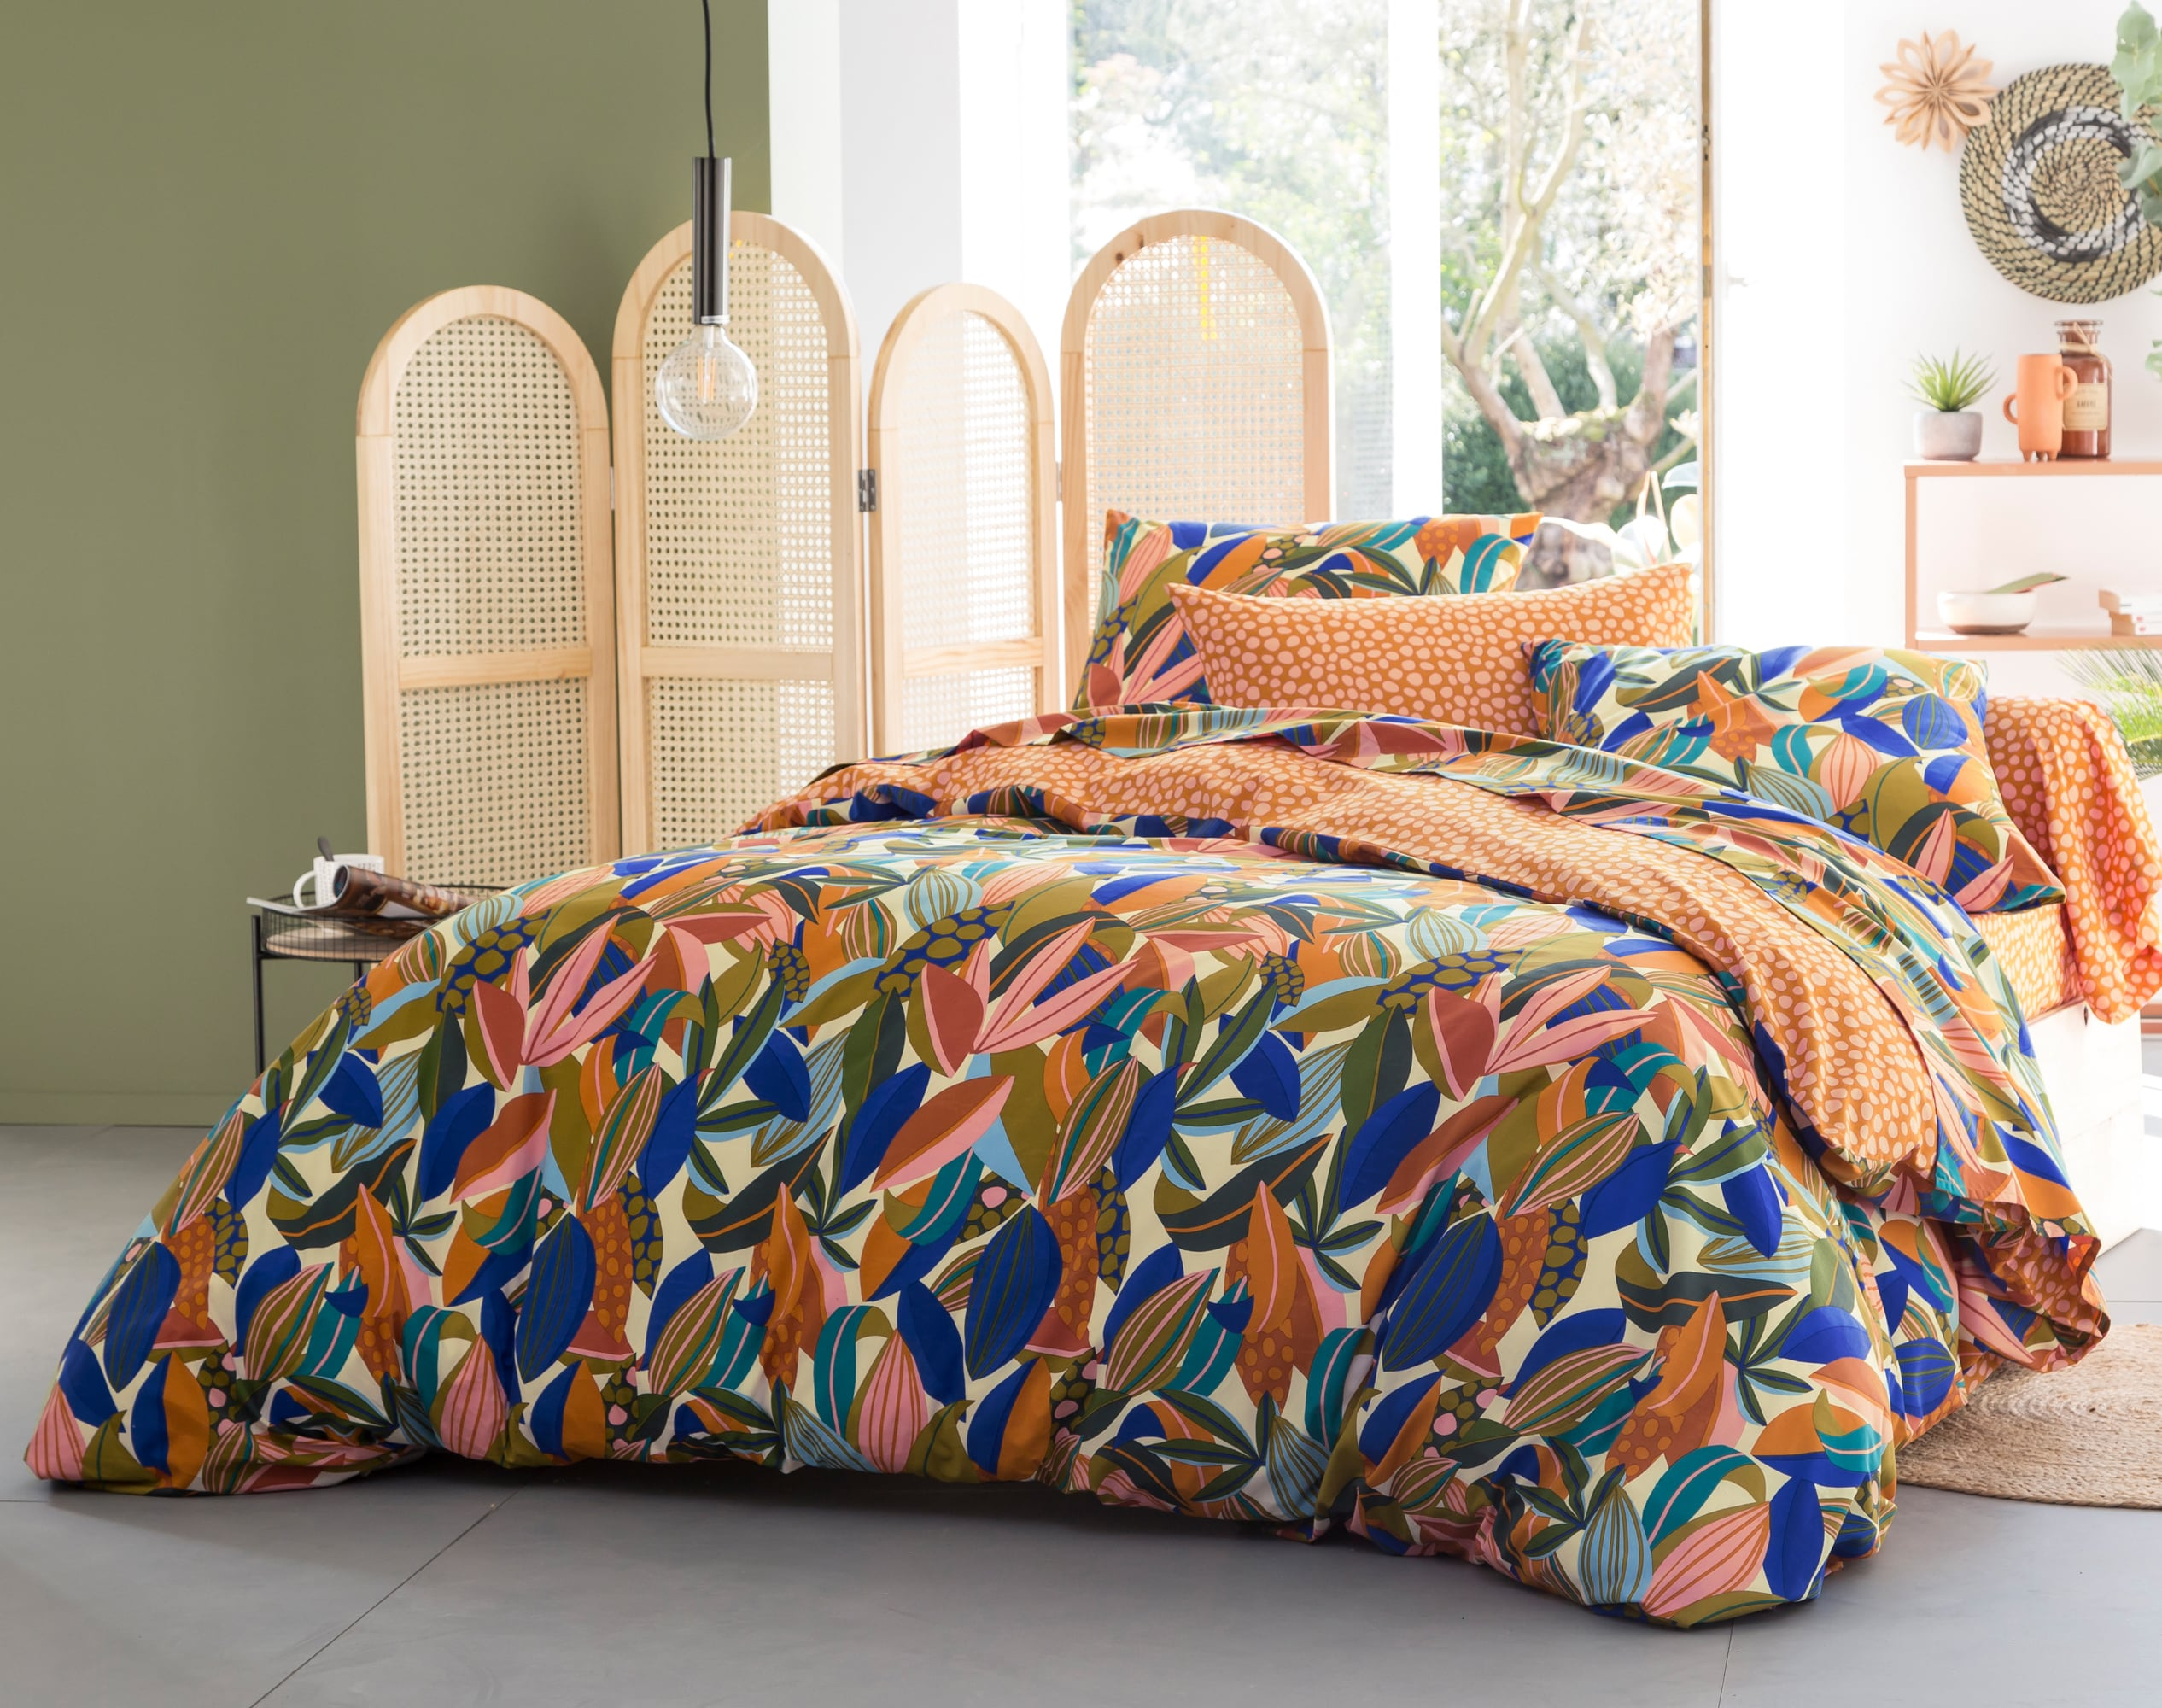 Housse de couette réversible 200x200 multicolore en percale de coton